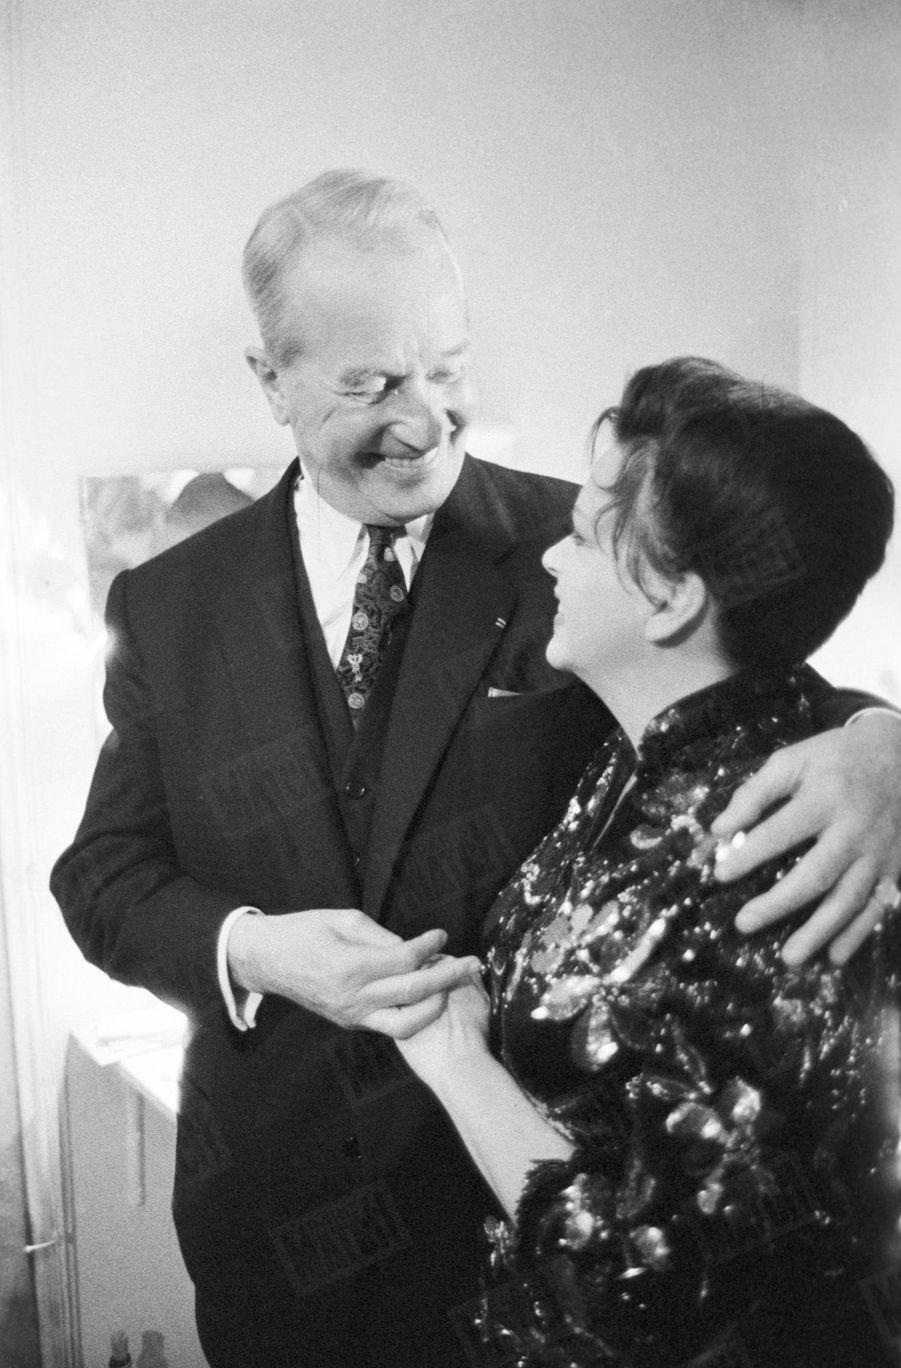 Judy Garland au Palais de Chaillot en octobre 1960.L'actrice félicitée par Maurice Chevalier après le spectacle.